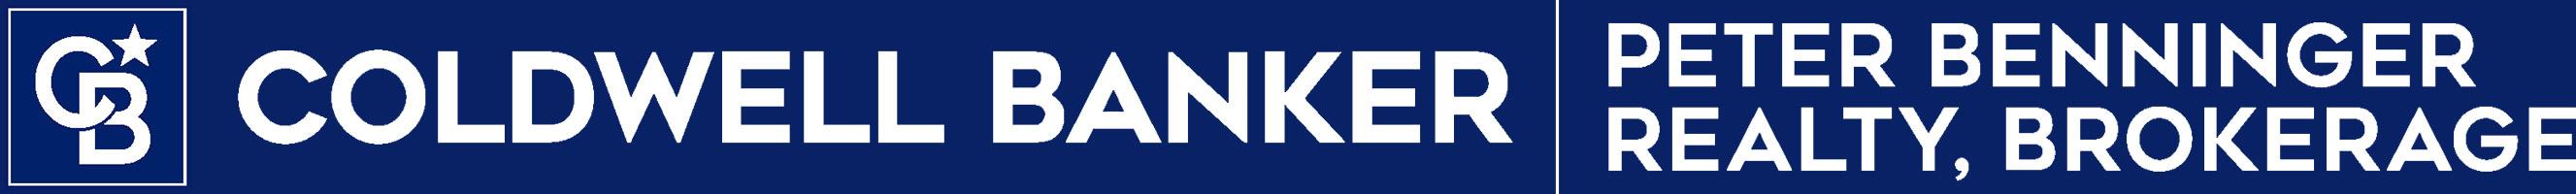 Coldwell Banker Peter Benninger Realty Logo